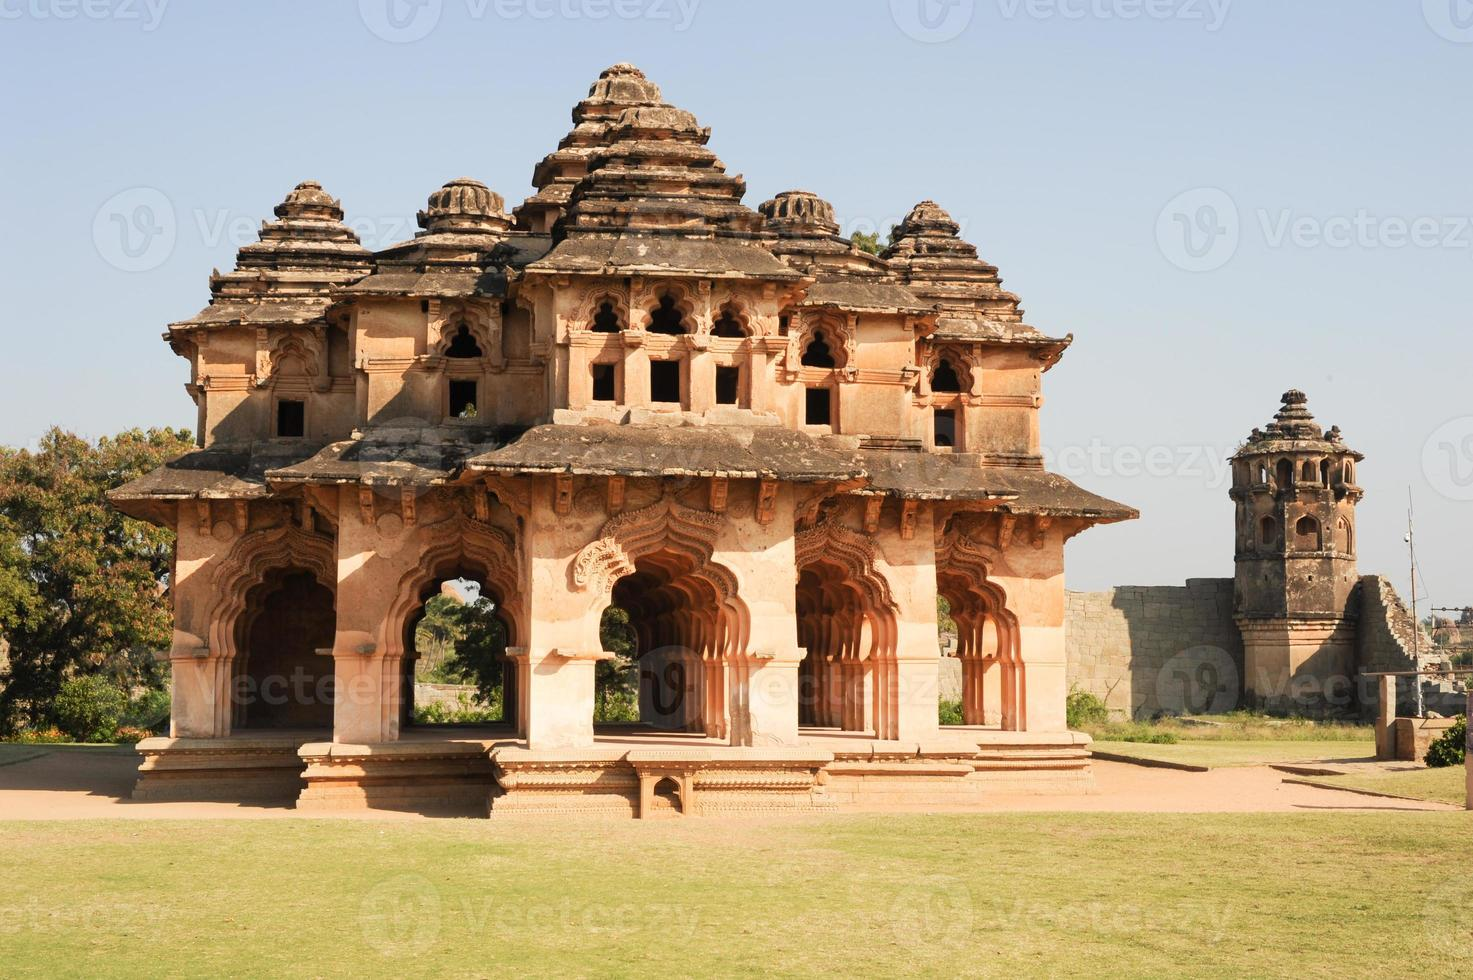 lotus mahal palace rovine del centro reale di hampi foto